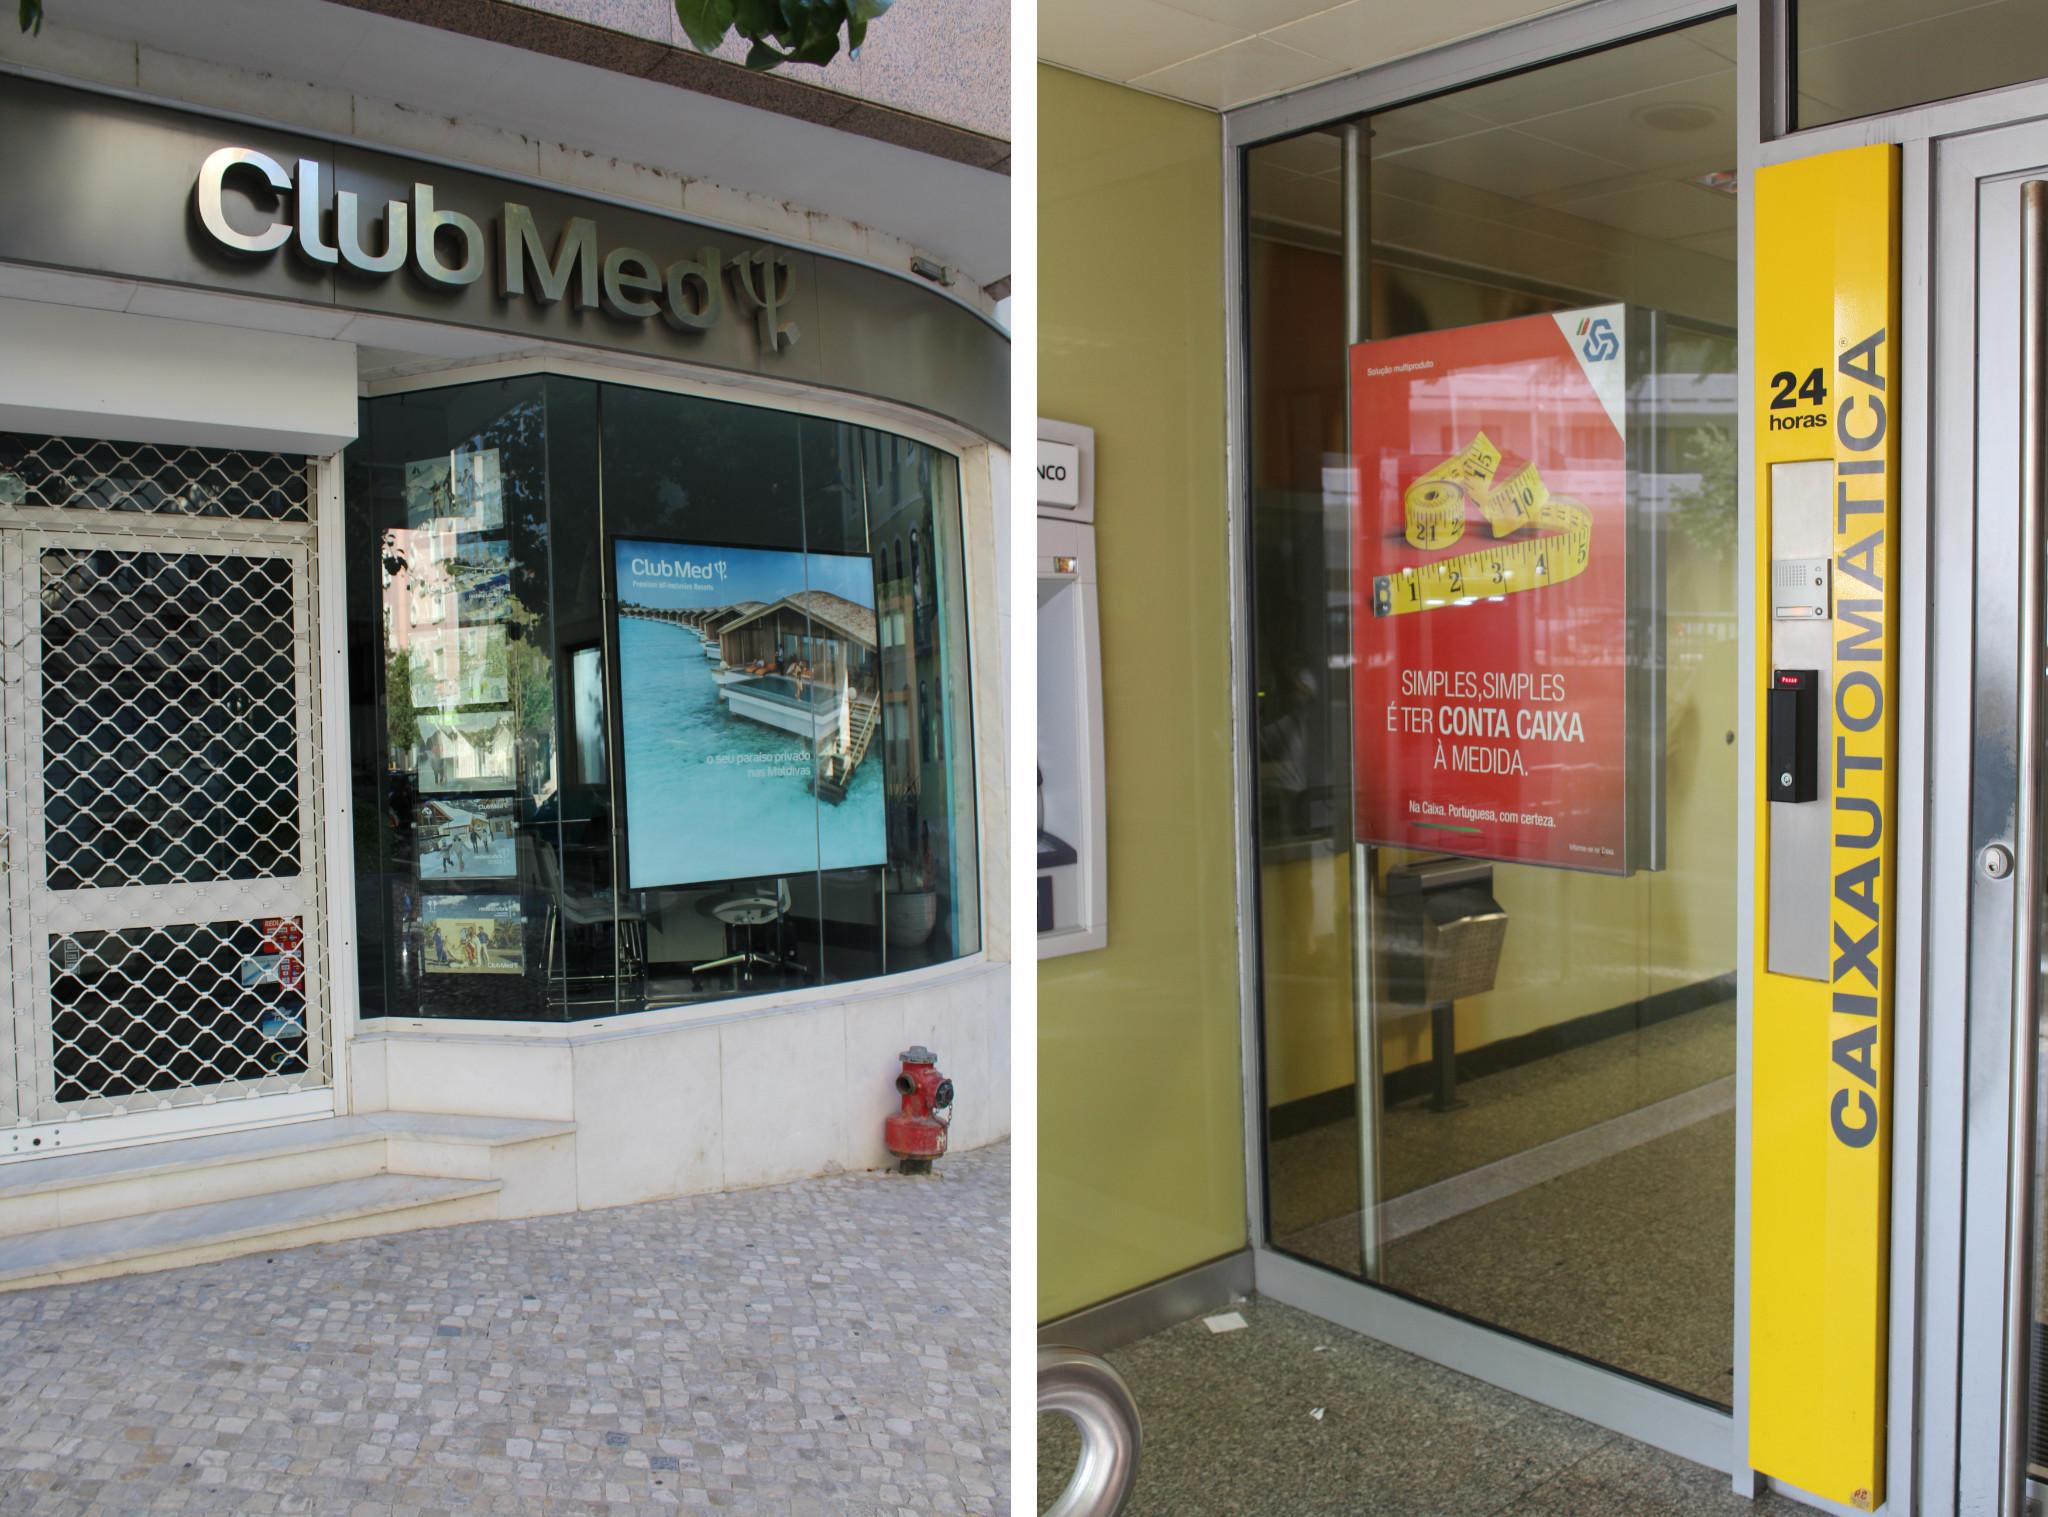 Caixas de luz Neolux -Club Med e CGD